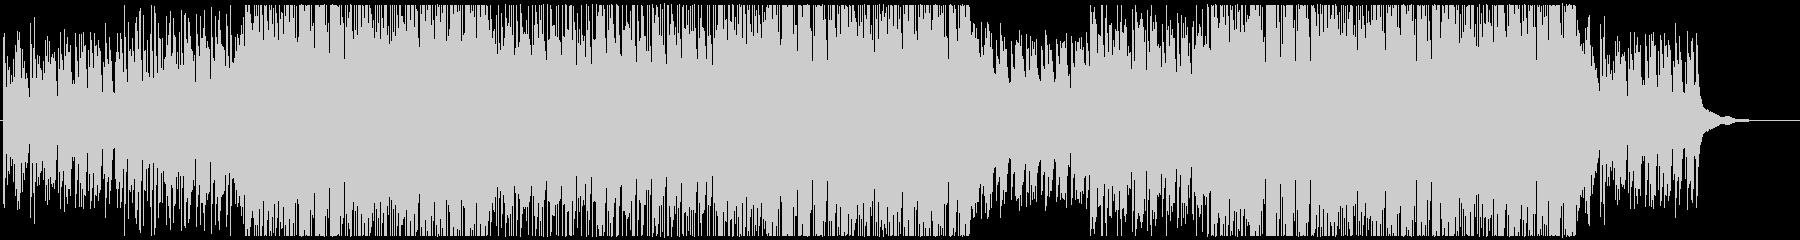 キャッチーなピアノポップの未再生の波形